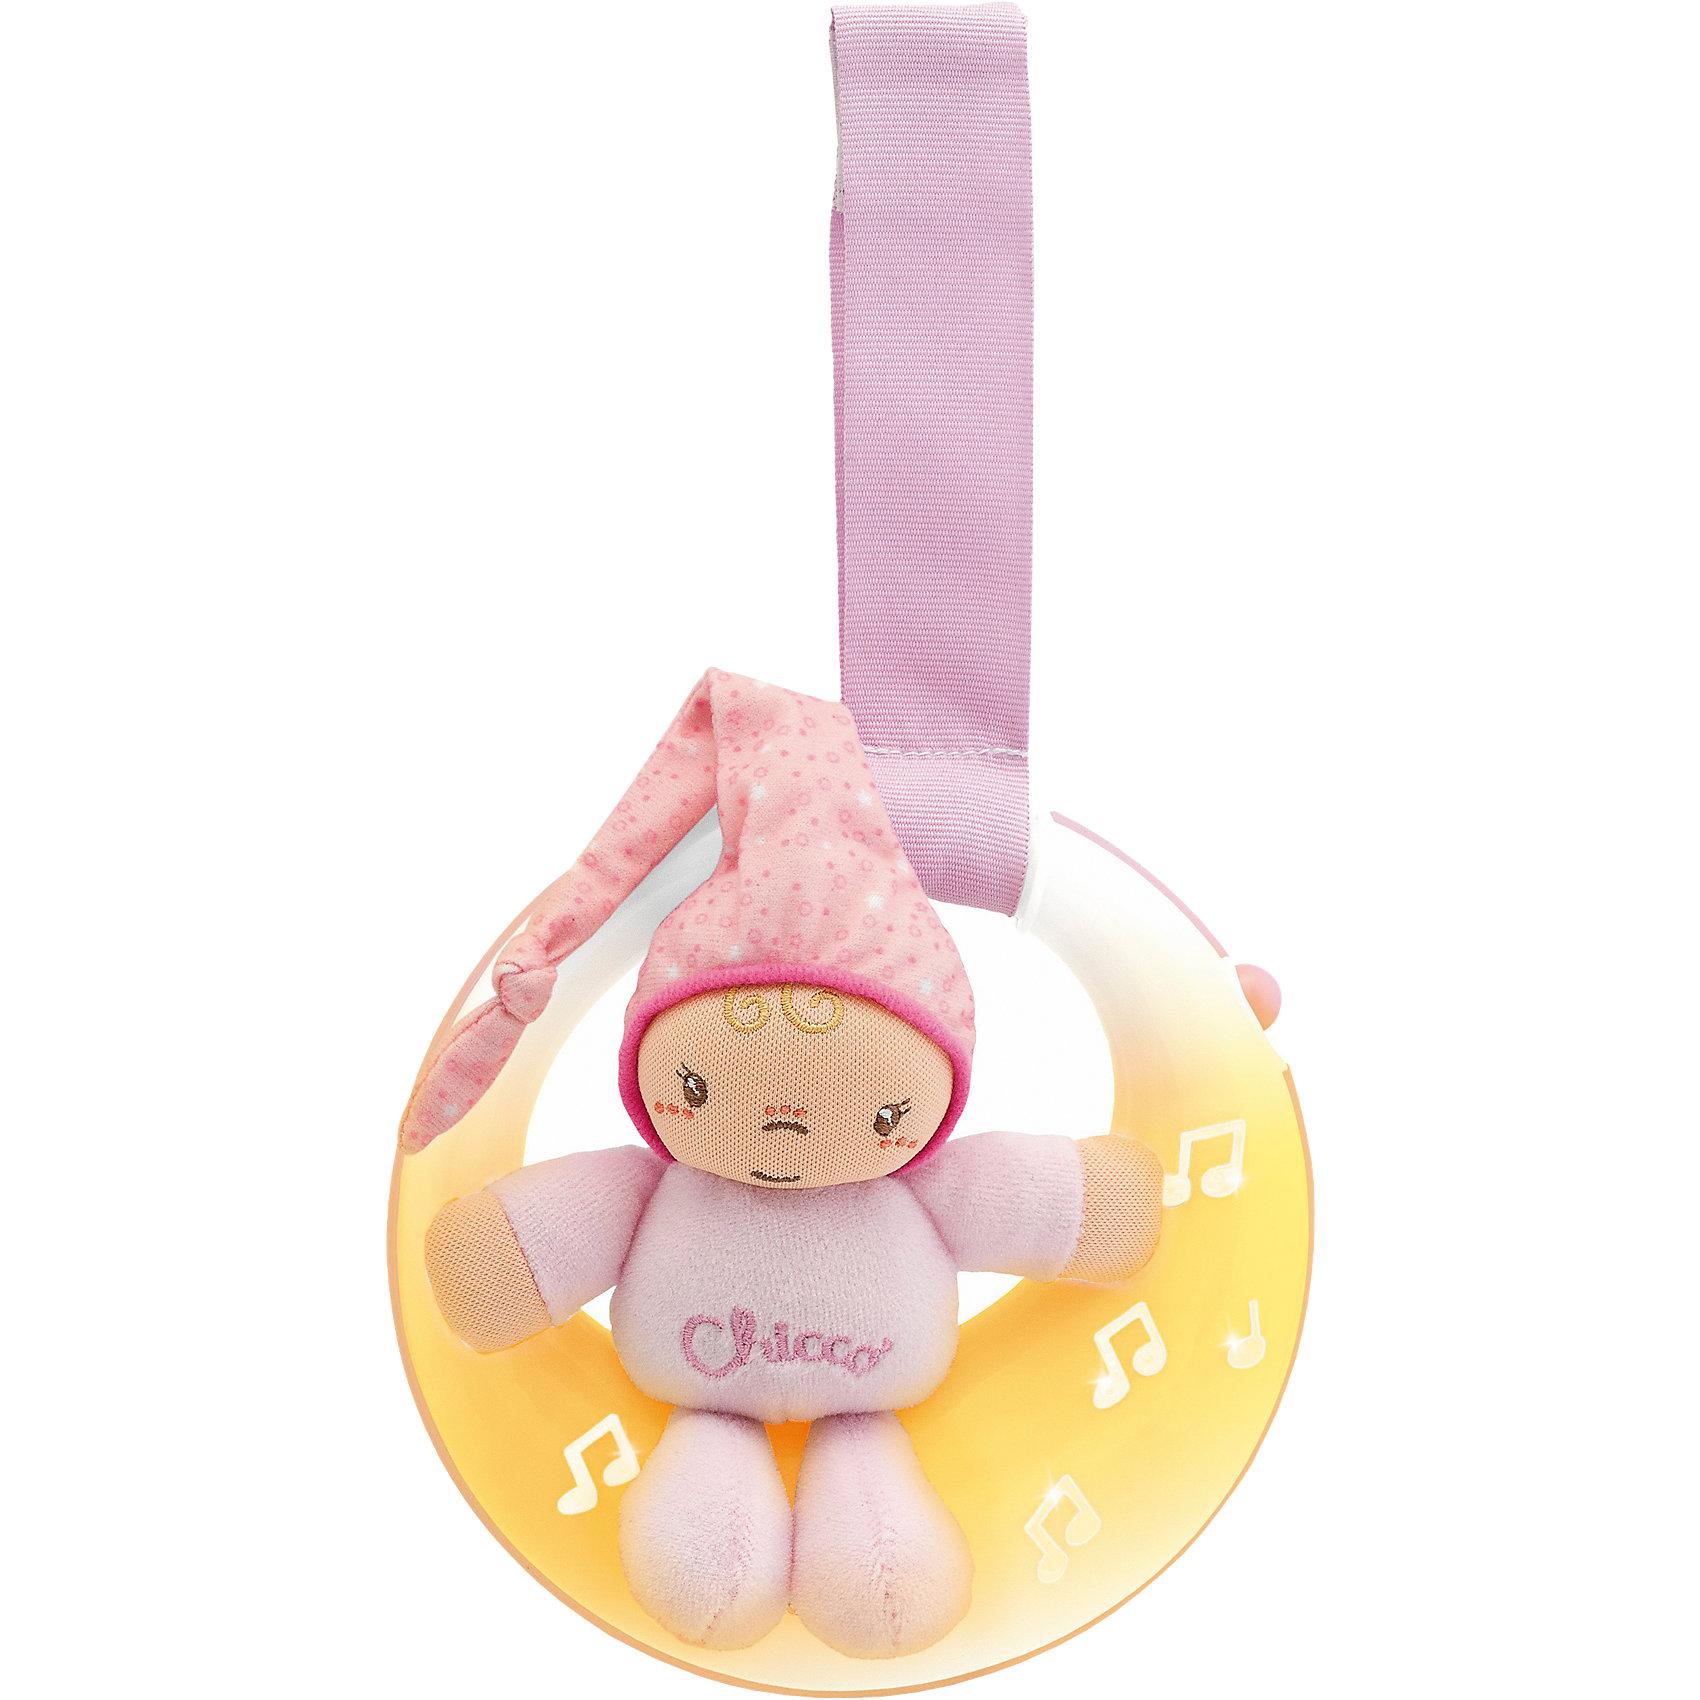 Подвеска для кроватки Спокойной ночи, луна, розовая, ChiccoПодвеска для кроватки Спокойной ночи, луна, розовая, Chicco (Чико) представляет собой мягконабивную игрушку – малышки в розовом комбинезончике, сидящей на луне! Огоньки на подвеске загораются и переливаются в такт колыбельной музыке. Мягкое свечение позволяет быстрее окунуться в мир сна Вашей девочке.<br><br>Характеристики:<br>-Звуковые и световые эффекты, длительностью пять минут<br>-Музыка: нежные колыбельные мелодии (Бах, Бетховен)<br>-Два режима: музыка и свет/только свет<br>-Легкое крепление на бортик кроватки удобным регулируемым ремешком<br>-Развивает: визуальное, звуковое и тактильное восприятие, координация зрения и движений, хватательный рефлекс, логика<br><br>Дополнительная информация:<br>-Цвет: розовый<br>-Материалы: пластик, полиэстер, текстиль<br>-Питание – 2 батарейки типа ААА (в комплект НЕ входят)<br>-Размеры игрушки: 15х14х5 см<br>-Длина ленточки: 15 см<br><br>Подвеска для кроватки «Спокойной ночи, луна» удобна и в качестве развивающей музыкальной игрушки, и в качестве ночника с нежным светом. <br><br>Подвеска для кроватки Спокойной ночи, луна, розовая, Chicco (Чико) можно купить в нашем магазине.<br><br>Ширина мм: 209<br>Глубина мм: 195<br>Высота мм: 75<br>Вес г: 348<br>Возраст от месяцев: 0<br>Возраст до месяцев: 18<br>Пол: Женский<br>Возраст: Детский<br>SKU: 4123480